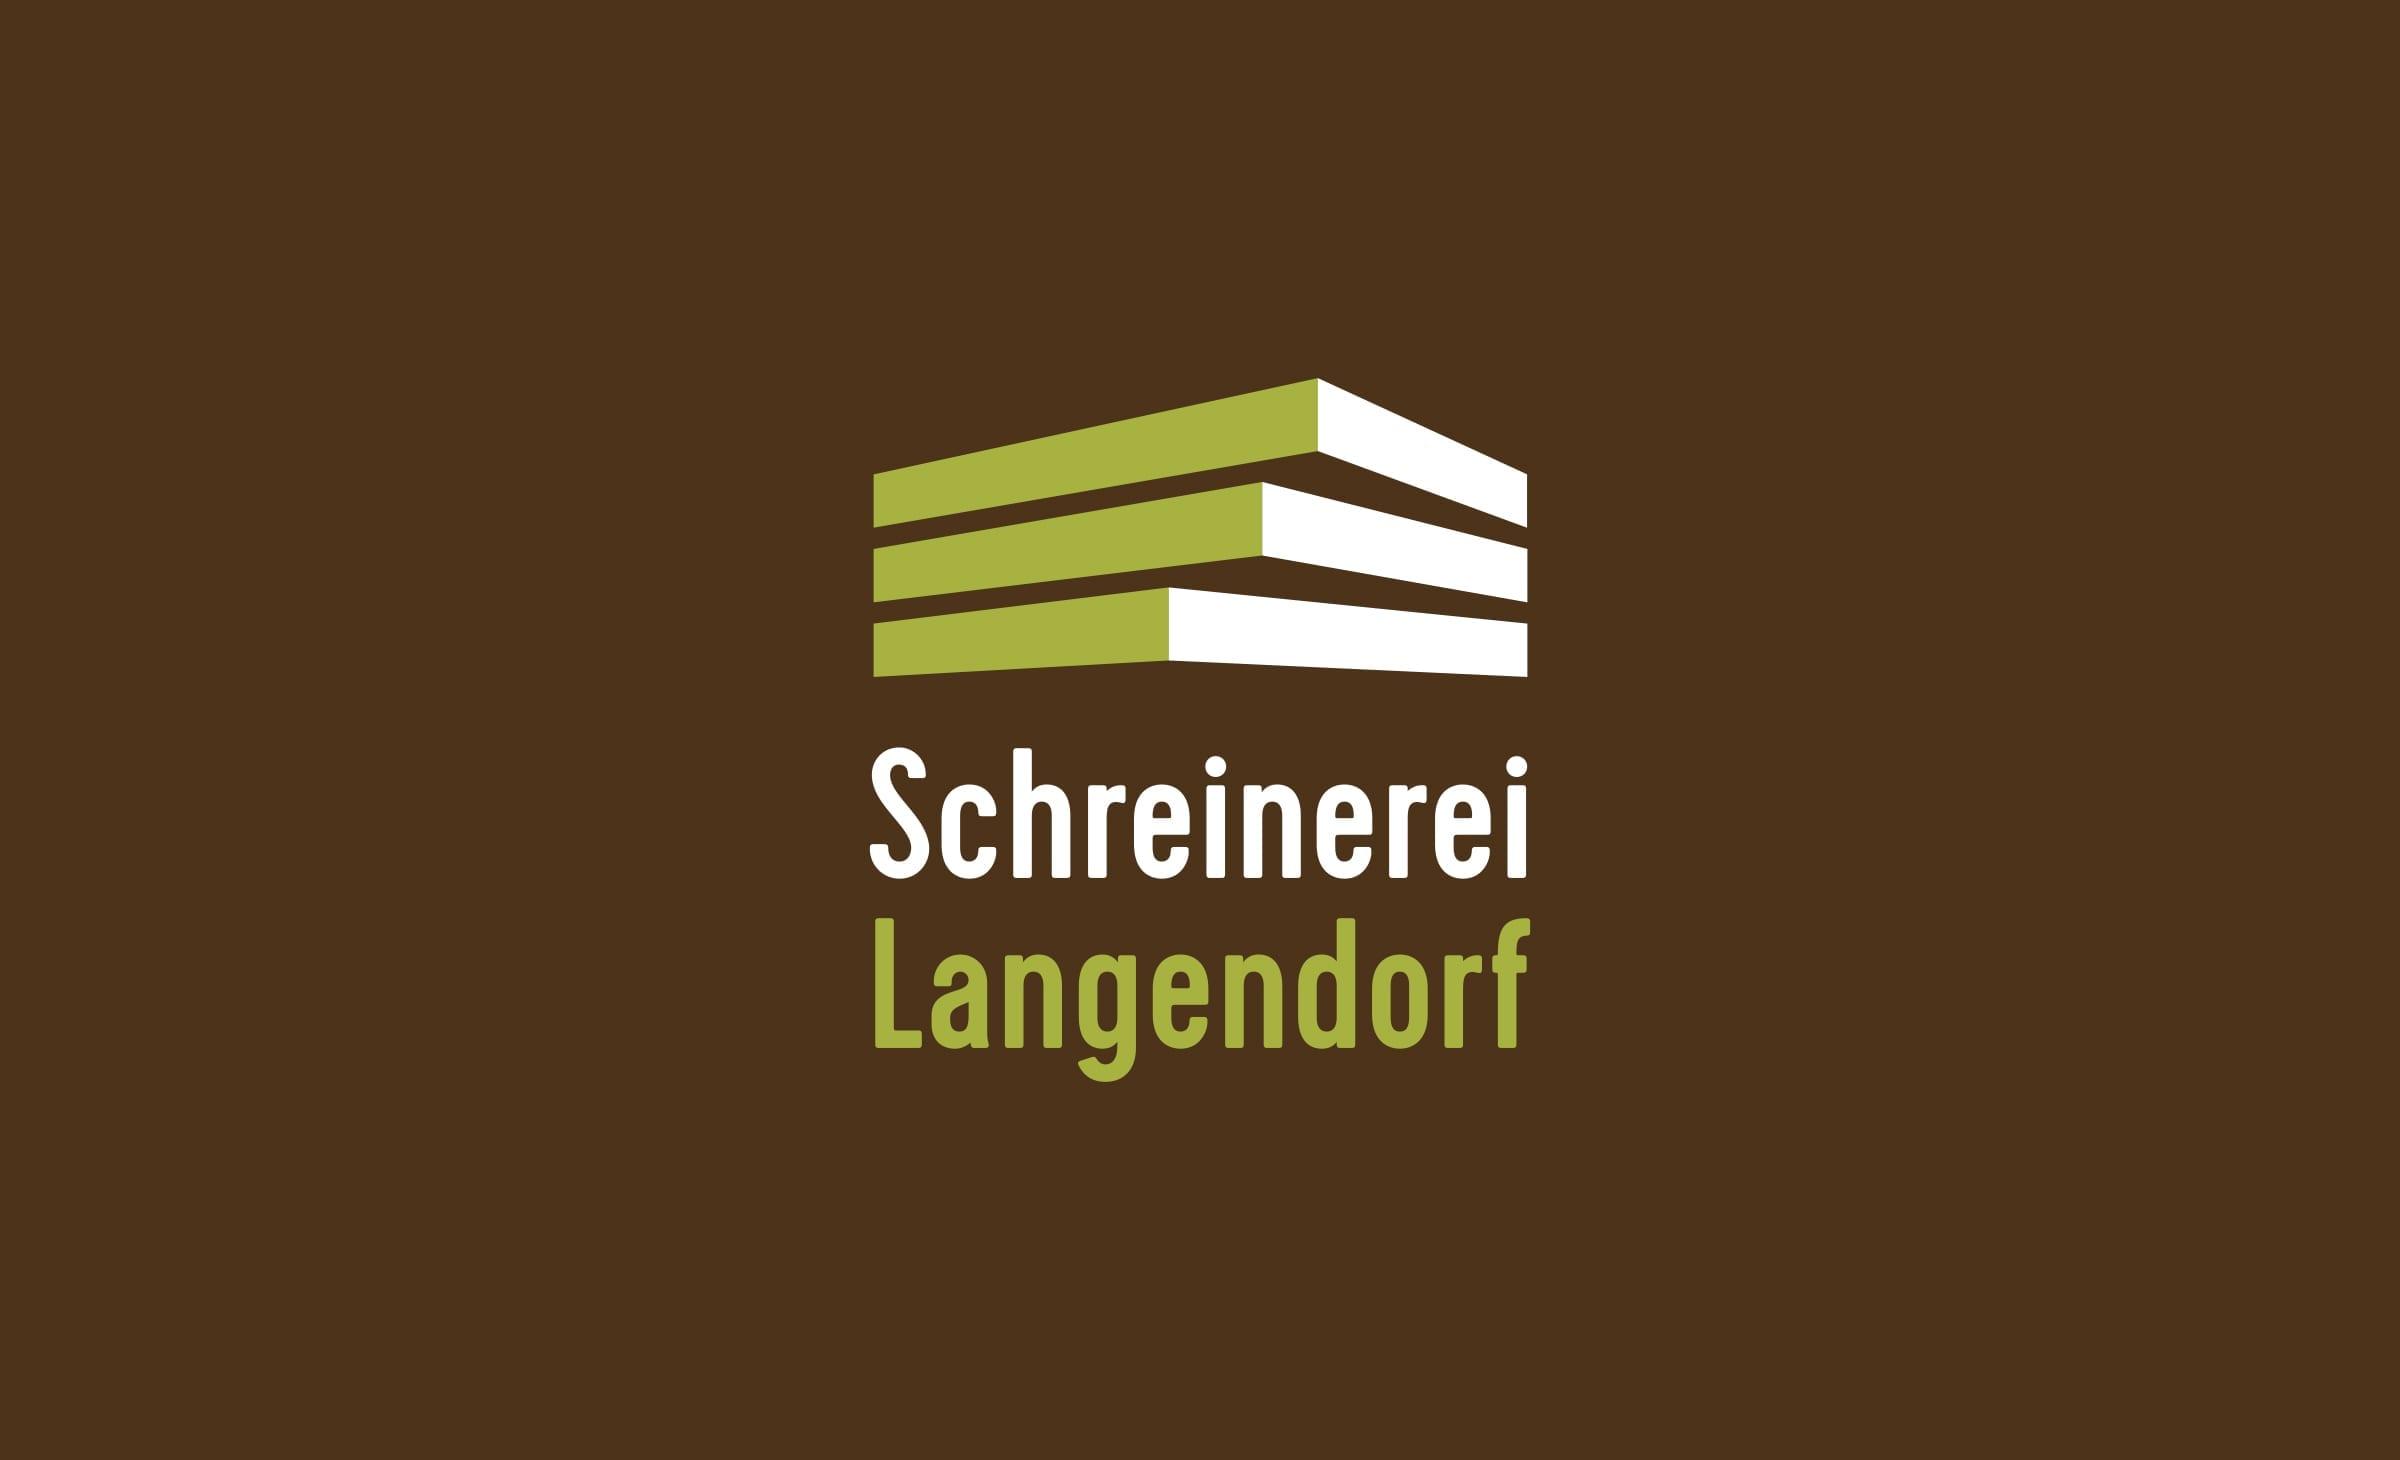 180grad_Schreinerei_Langendorf_Logo